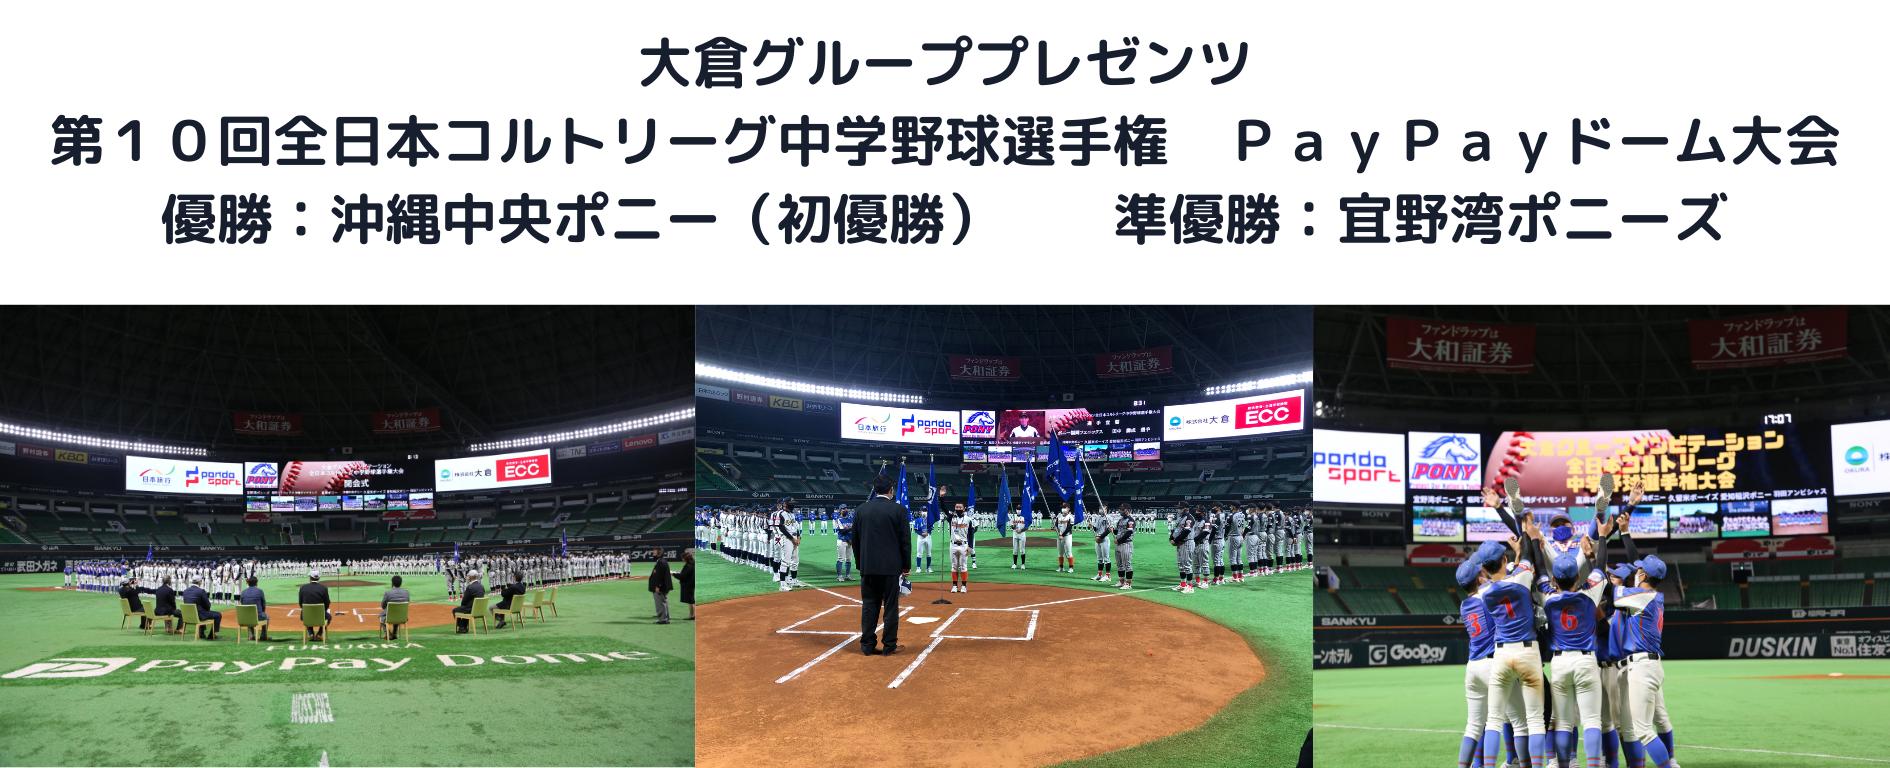 大倉グループプレゼンツ第10回全日本コルトリーグ中学野球選手権